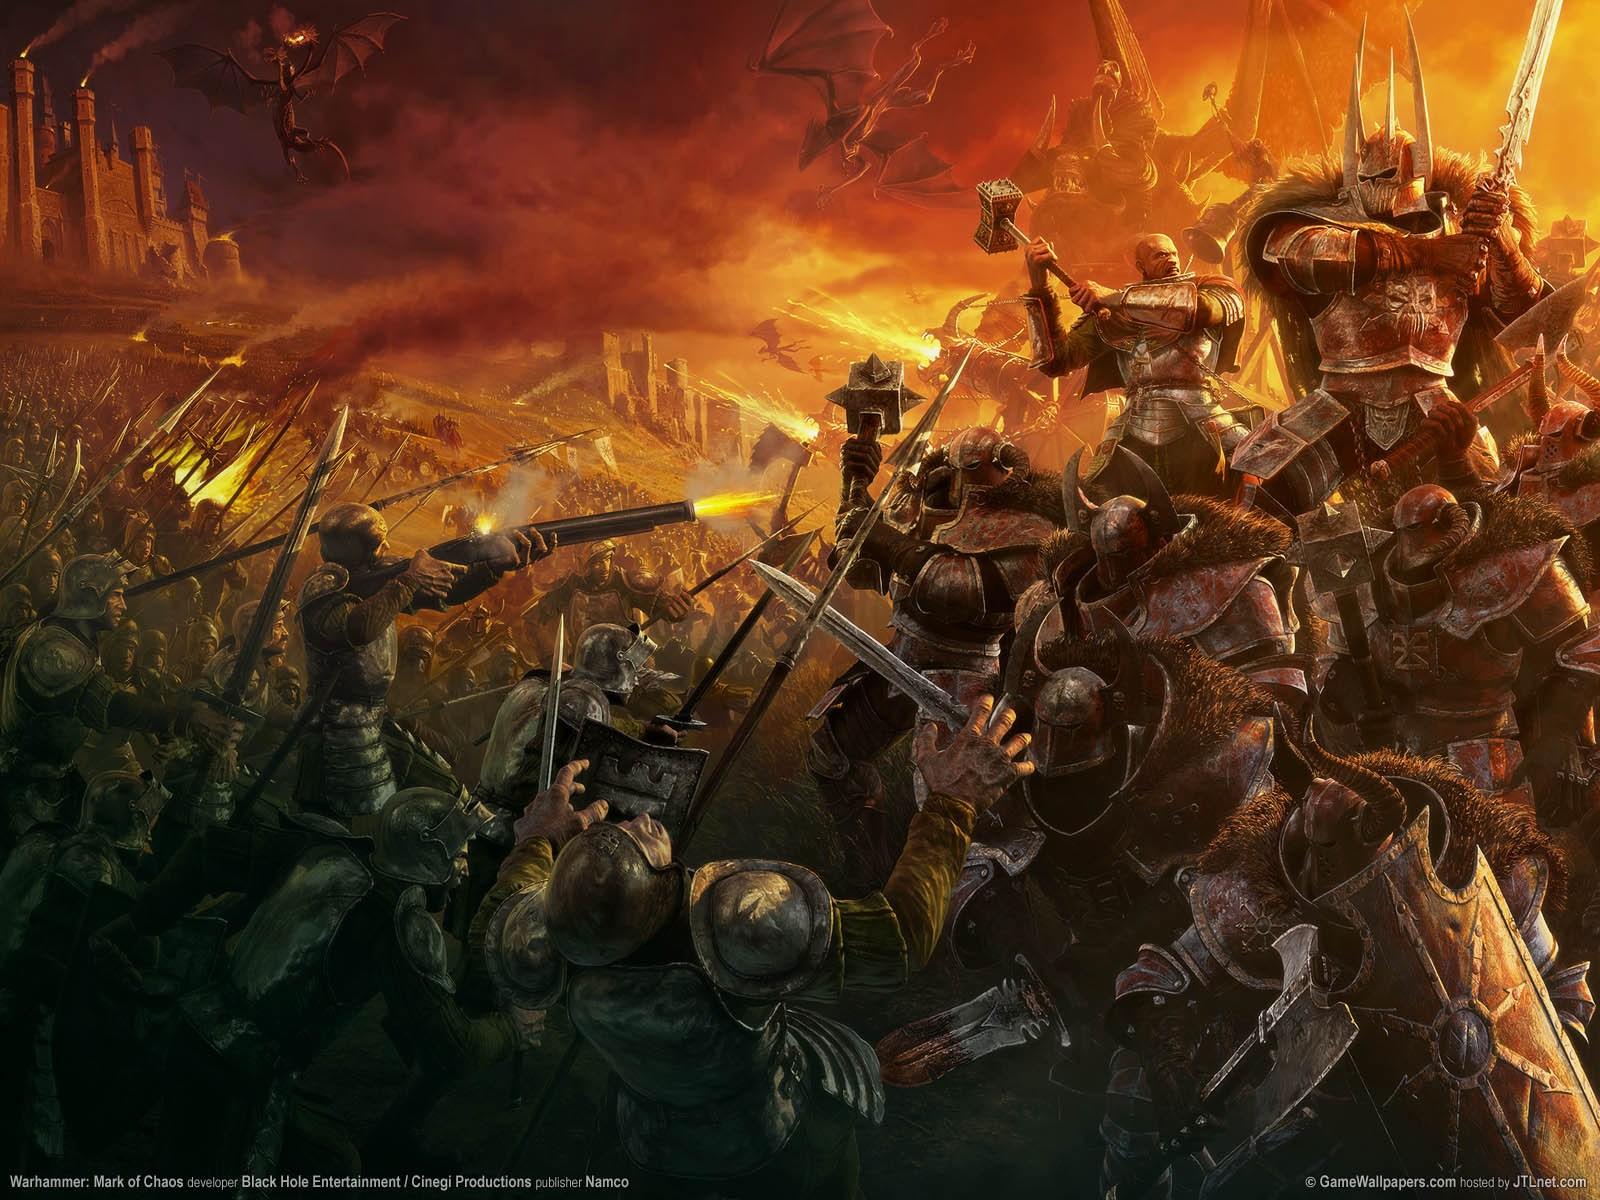 http://4.bp.blogspot.com/_1wCIHM7Y_sU/S_WmtAlopgI/AAAAAAAAADQ/QRXkUCxADrY/s1600/Warhammer-Mark-Of-Chaos-628.jpg